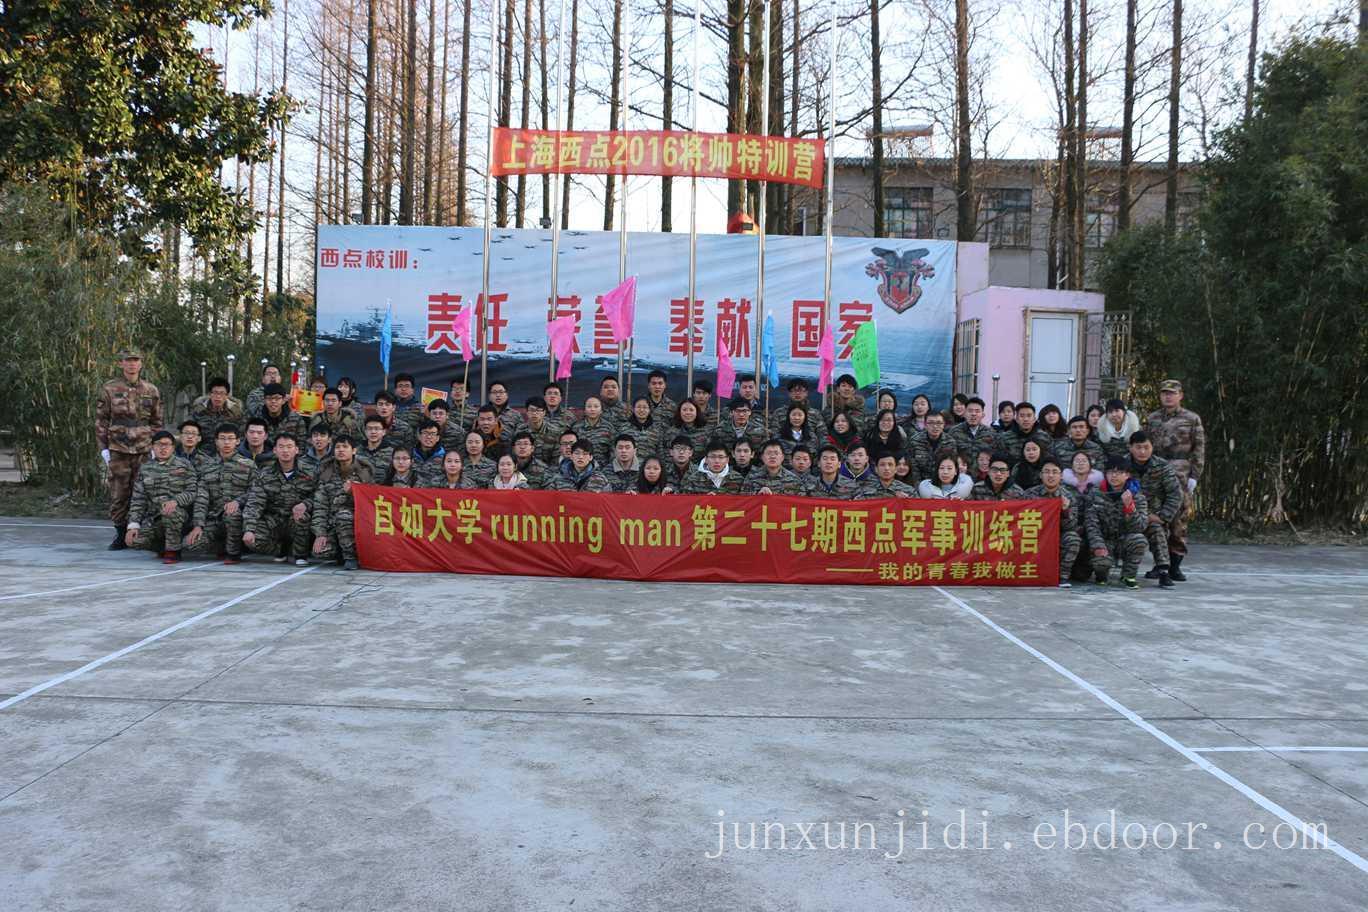 自如大学RunningMan第二十七期西点军事训练营